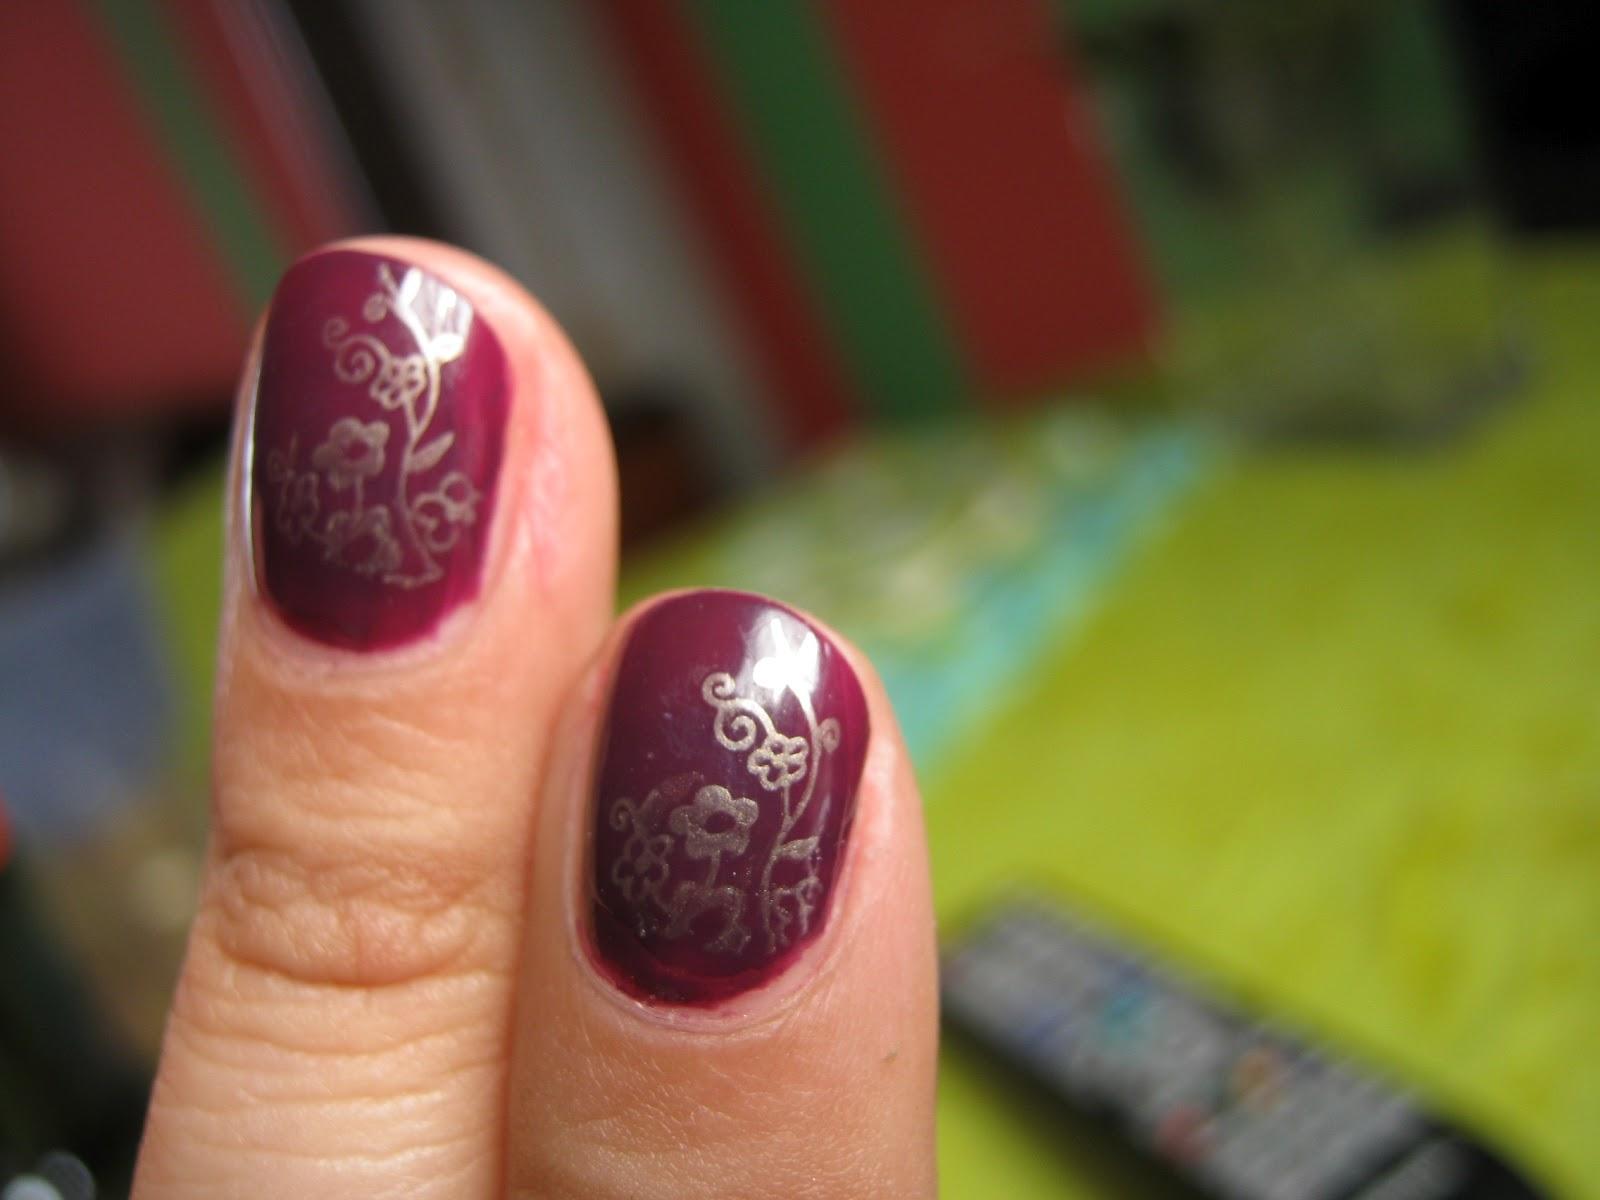 Coloreando mis Uñas: Uñas de la semana: Estampado dorado